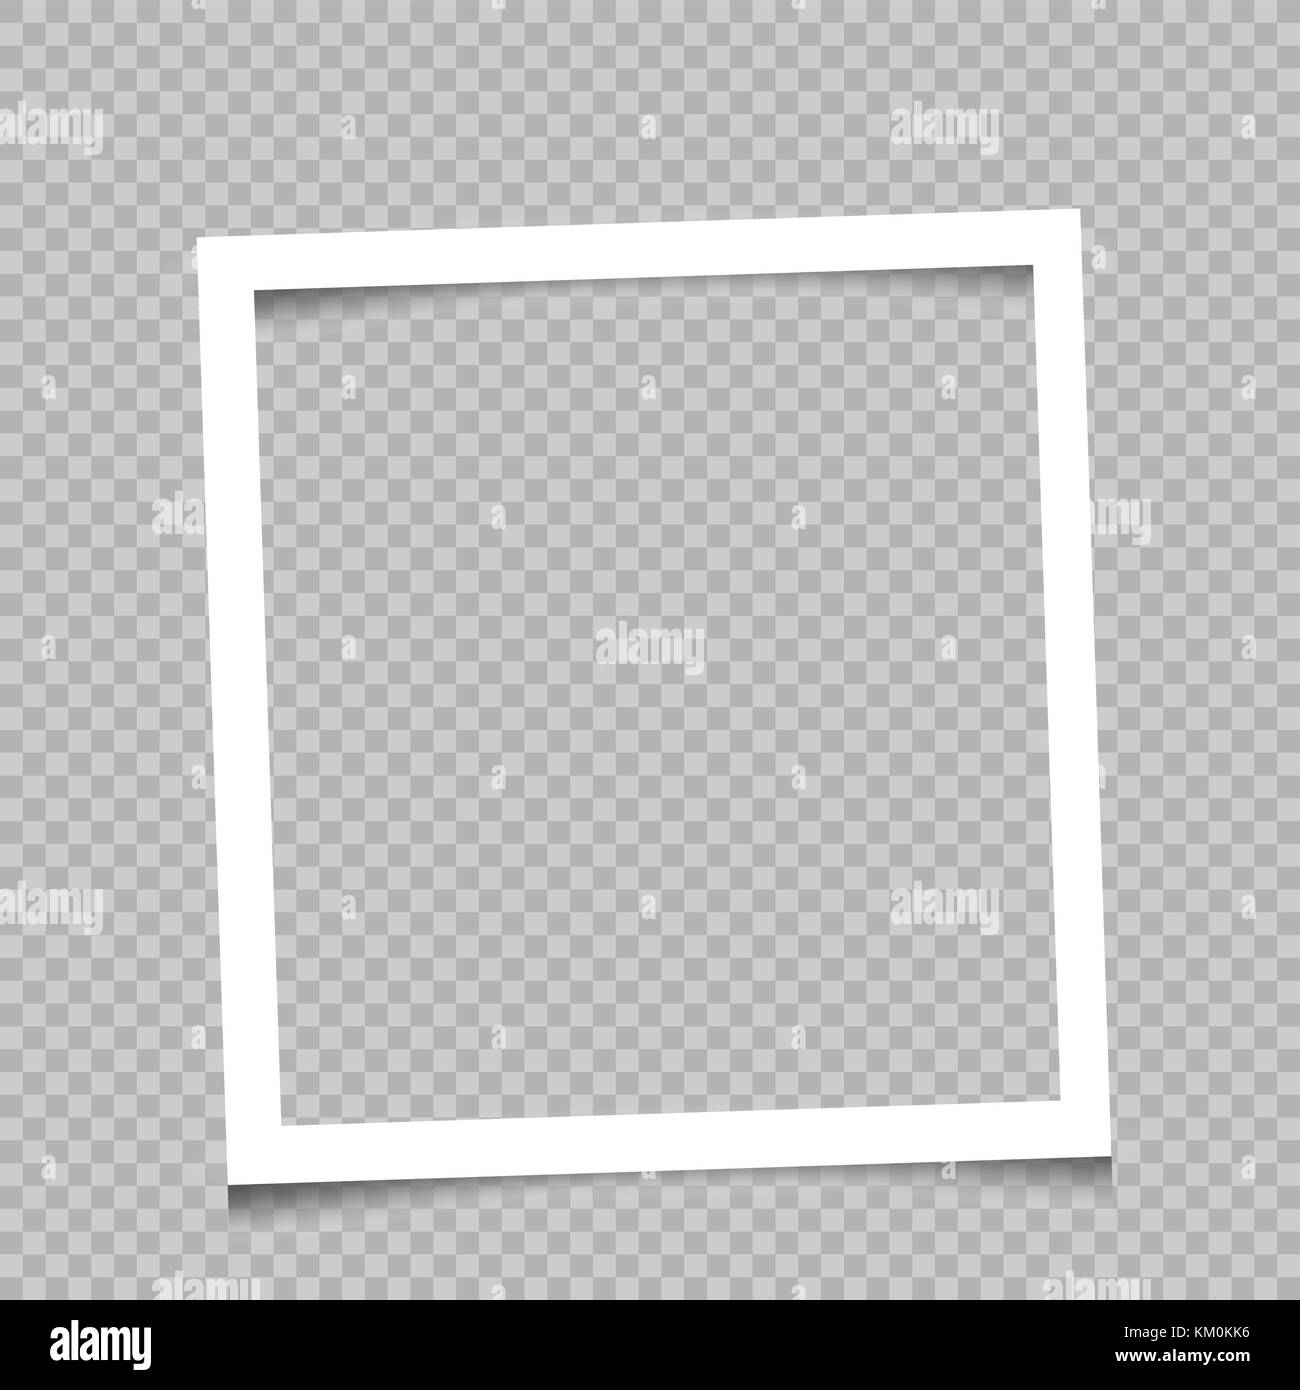 Quadratischen Rahmen transparenter Hintergrund Vektor Abbildung ...